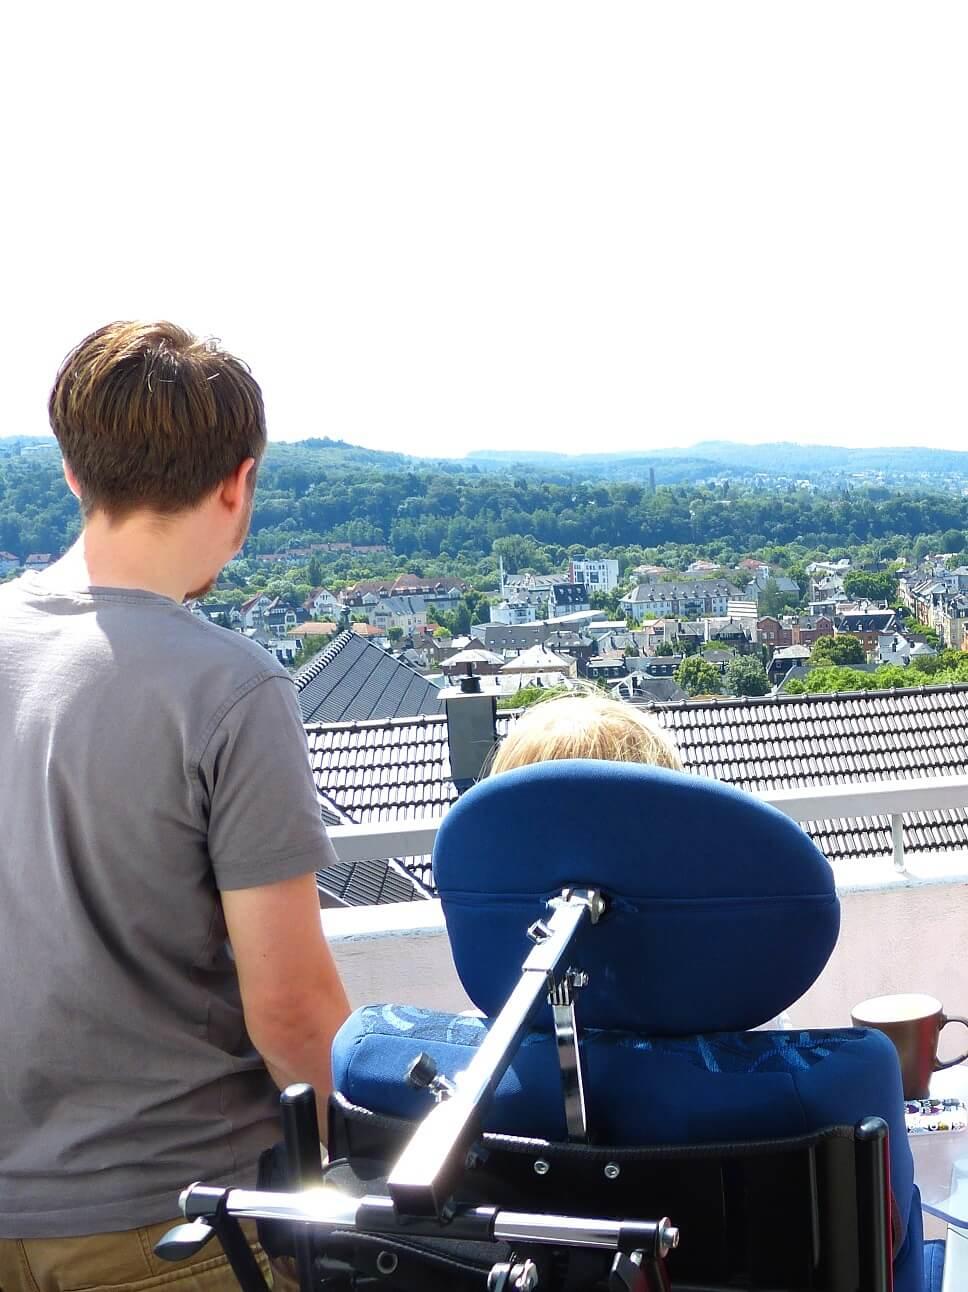 Ein junger Mann steht neben einer jungen Frau, die im Rollstuhl sitzt